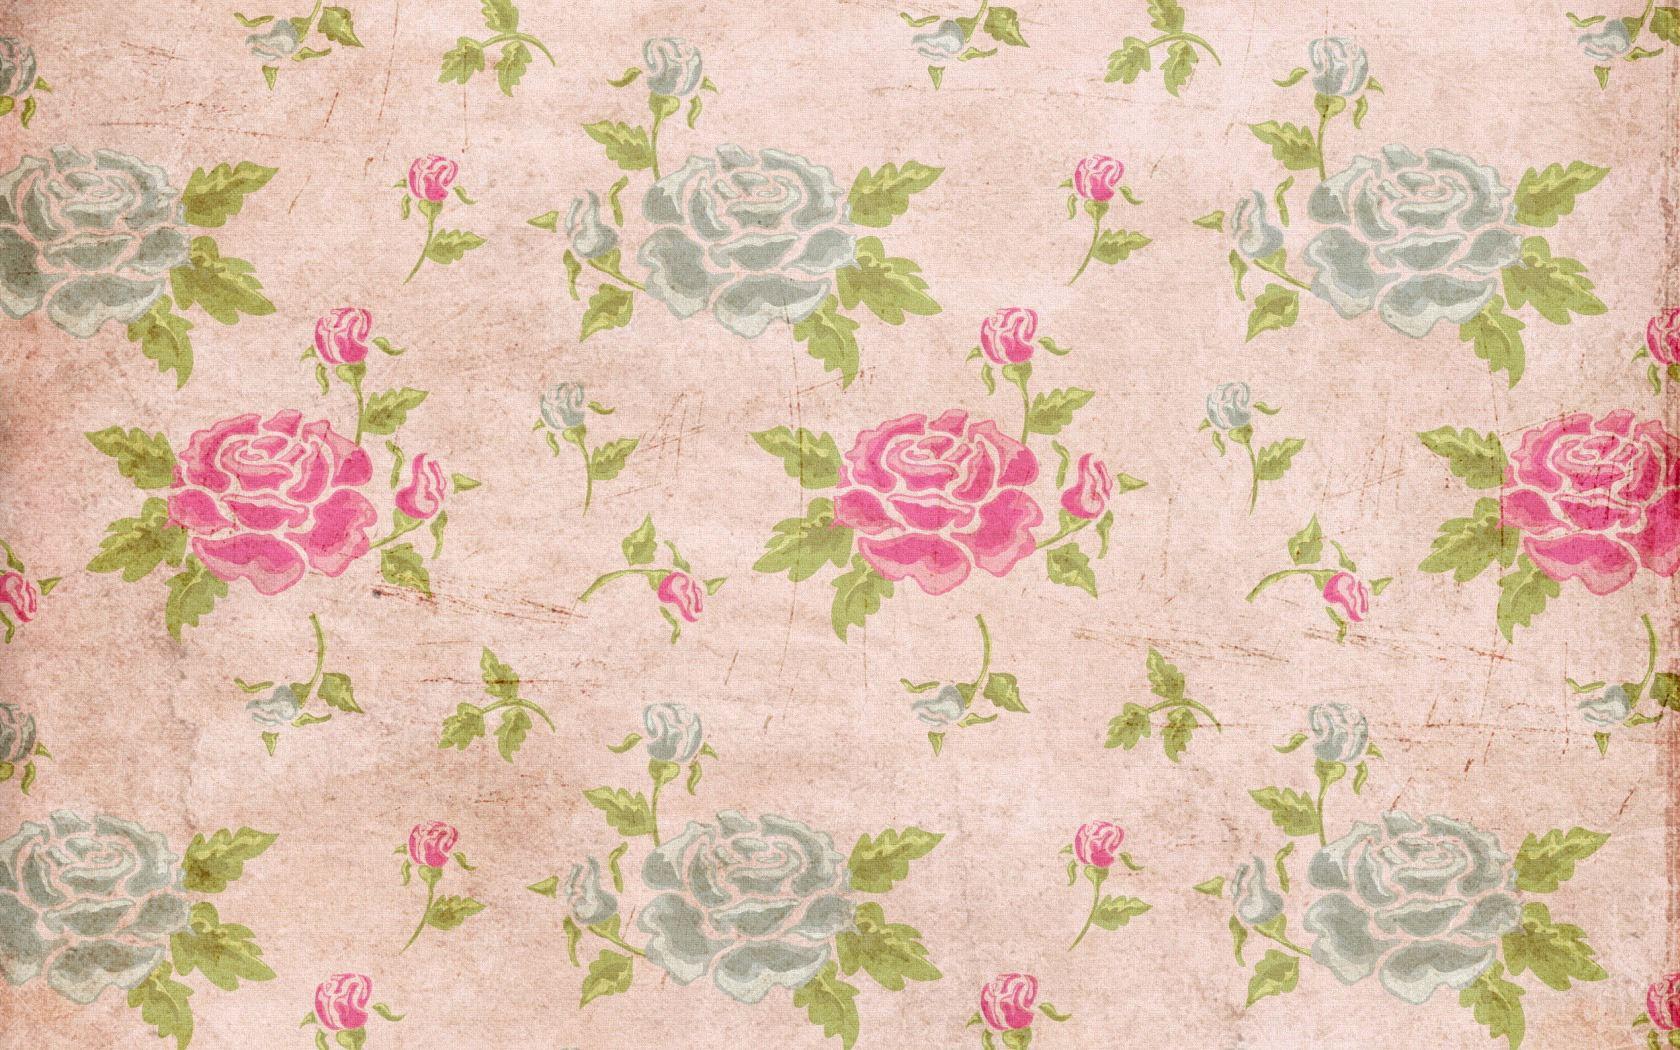 117828 Hintergrundbild herunterladen Roses, Blumen, Blätter, Textur, Texturen - Bildschirmschoner und Bilder kostenlos